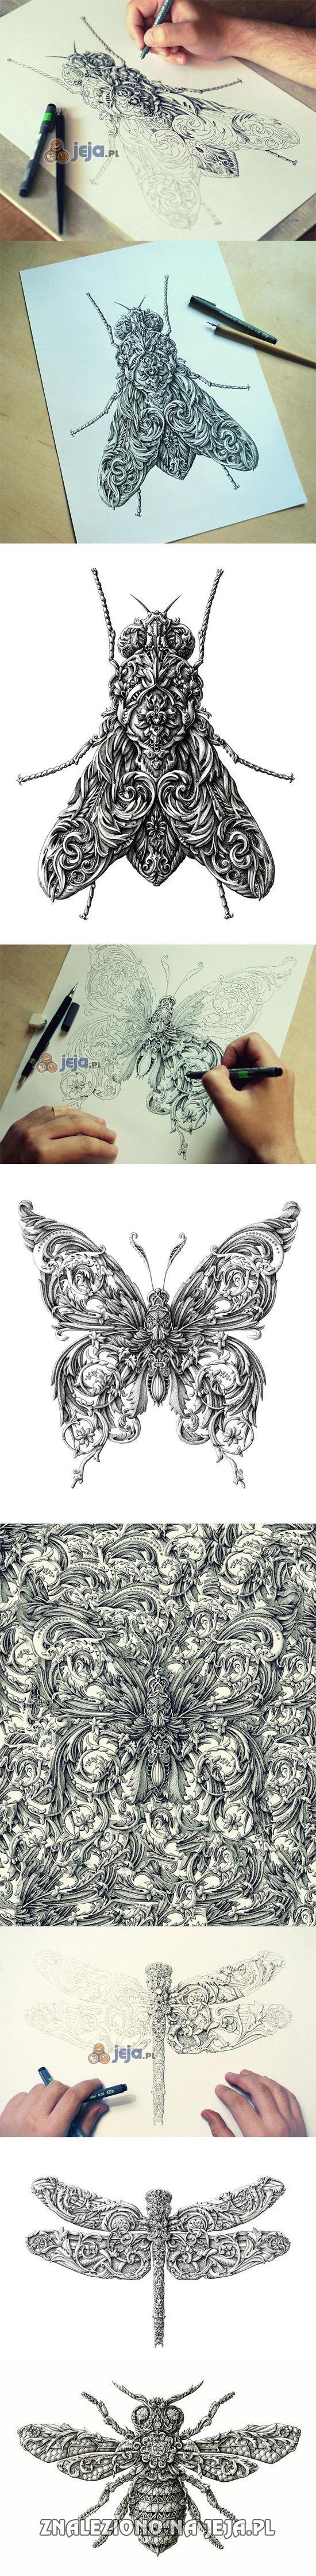 Rysunki owadów w stylu renesansowym